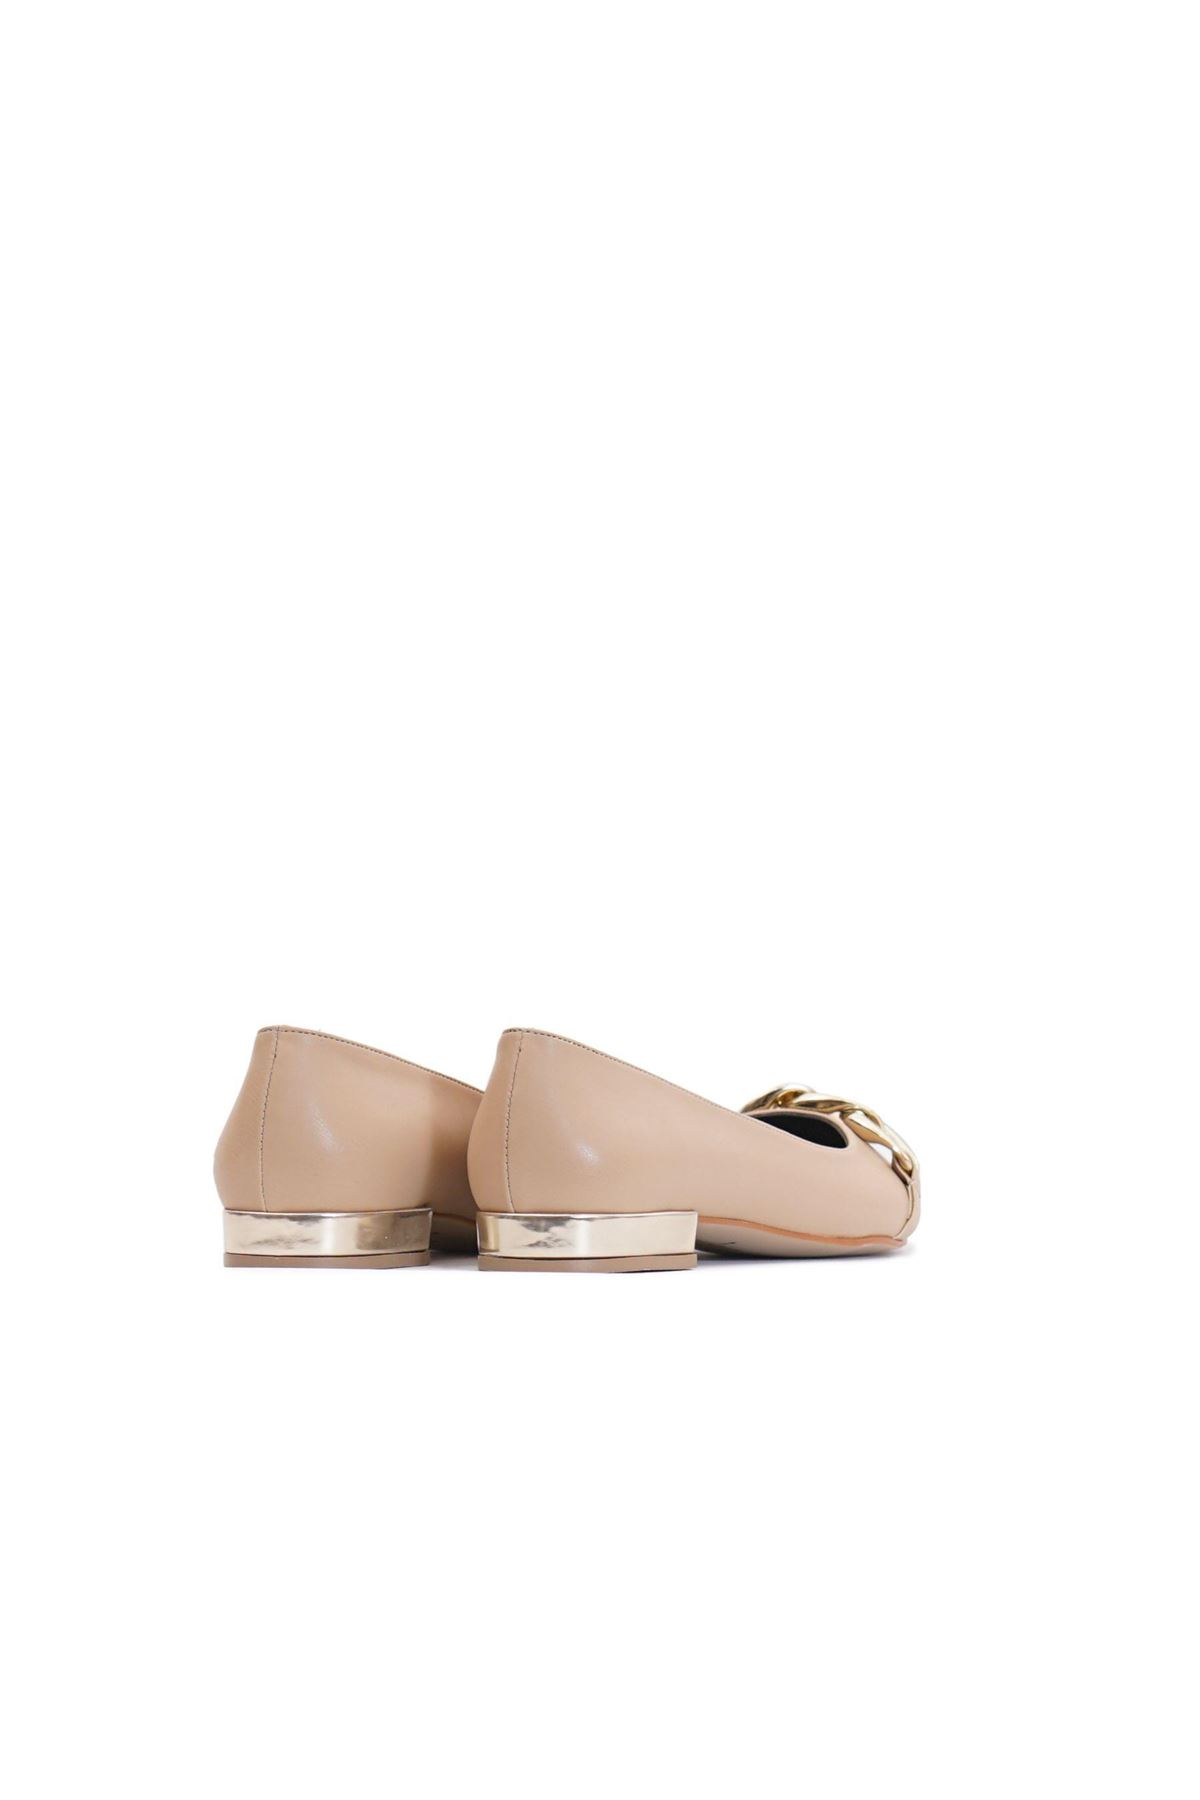 Kadın Zincir Detaylı Loafer Ayakkabı - Bej